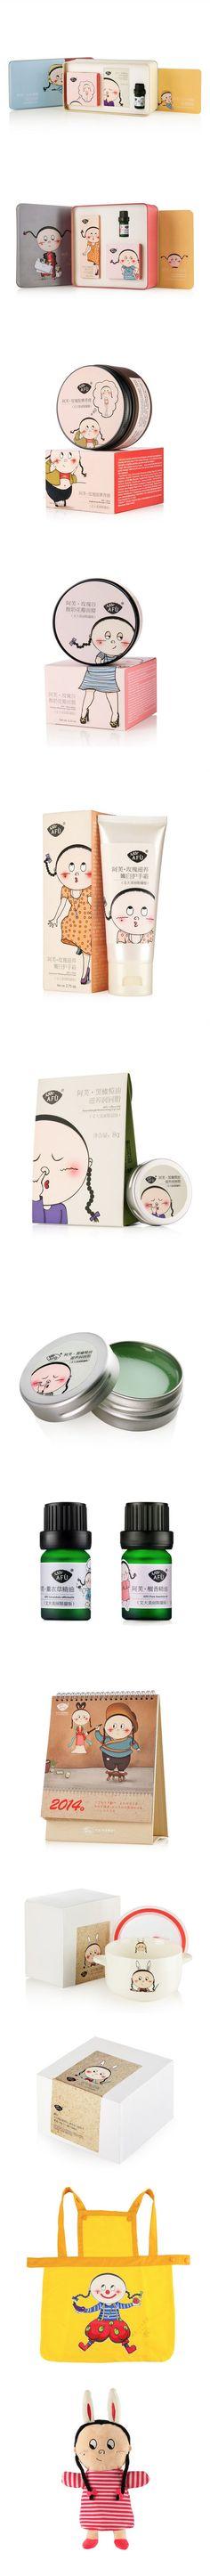 最新系列包装设计(阿芙×文大美丽)The cutest makeup packaging PD